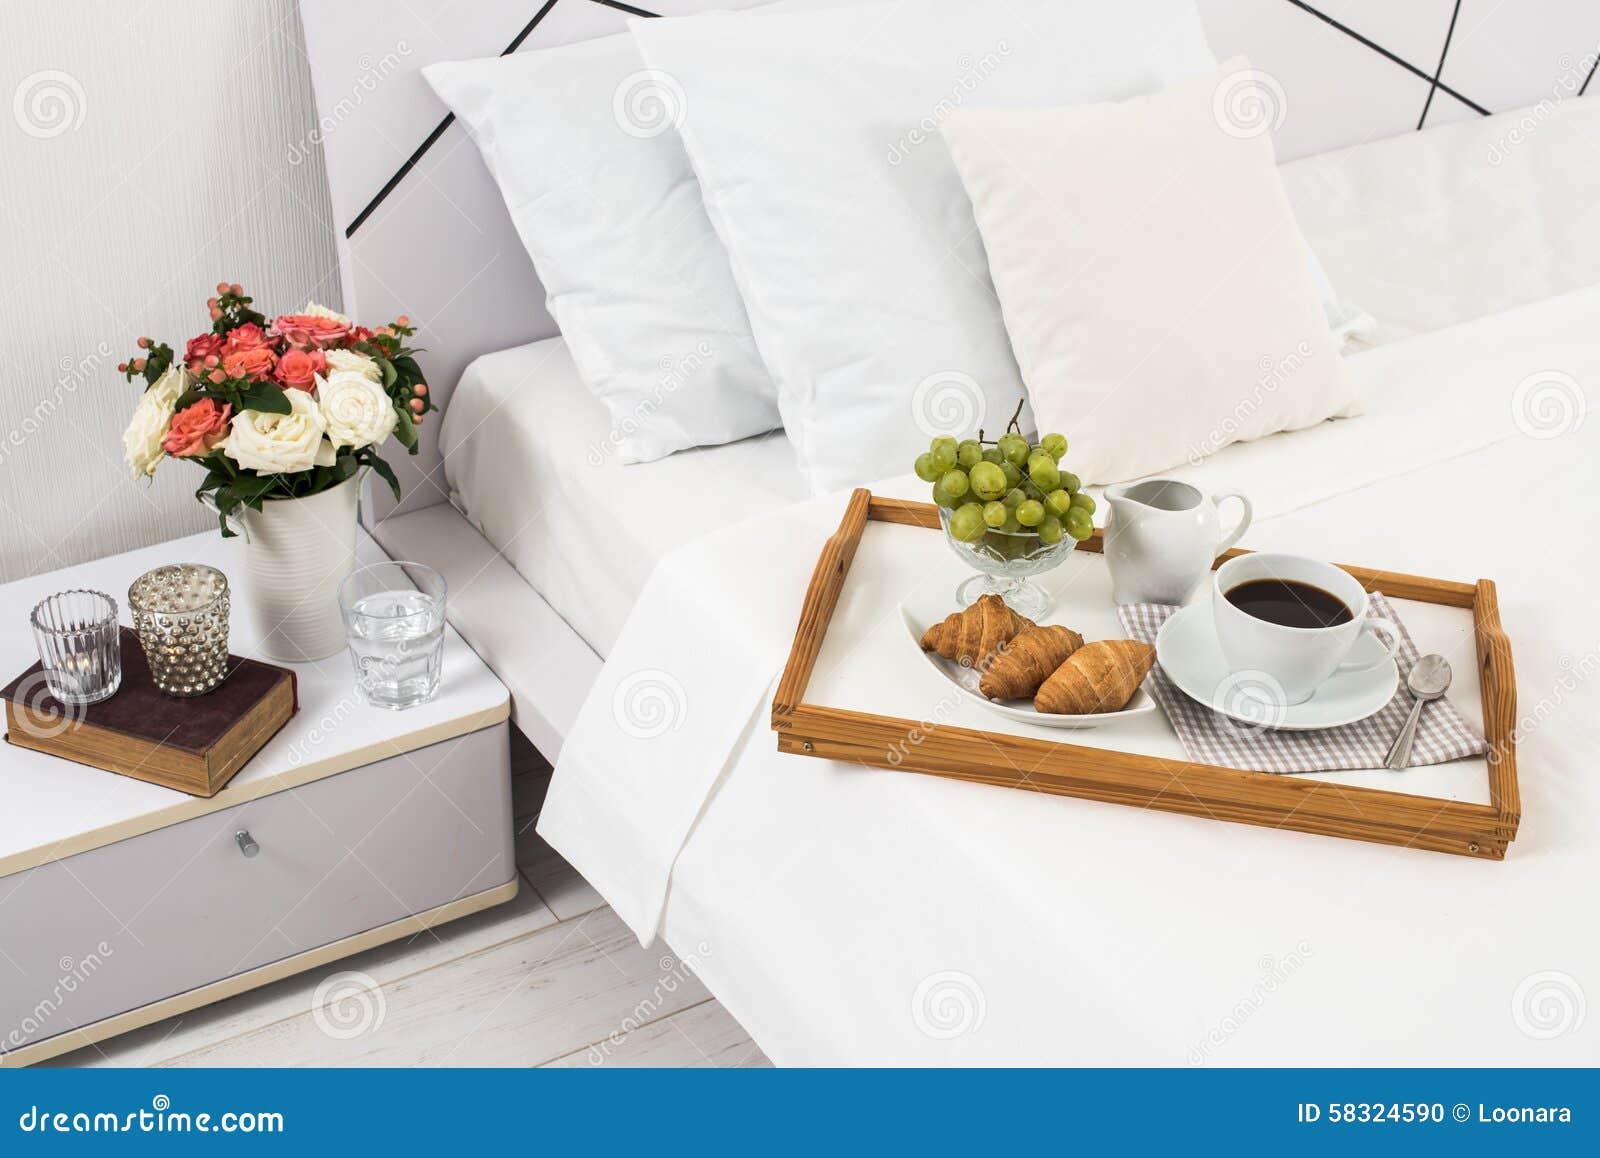 Prima colazione a letto fotografia stock immagine di - Colazione a letto immagini ...